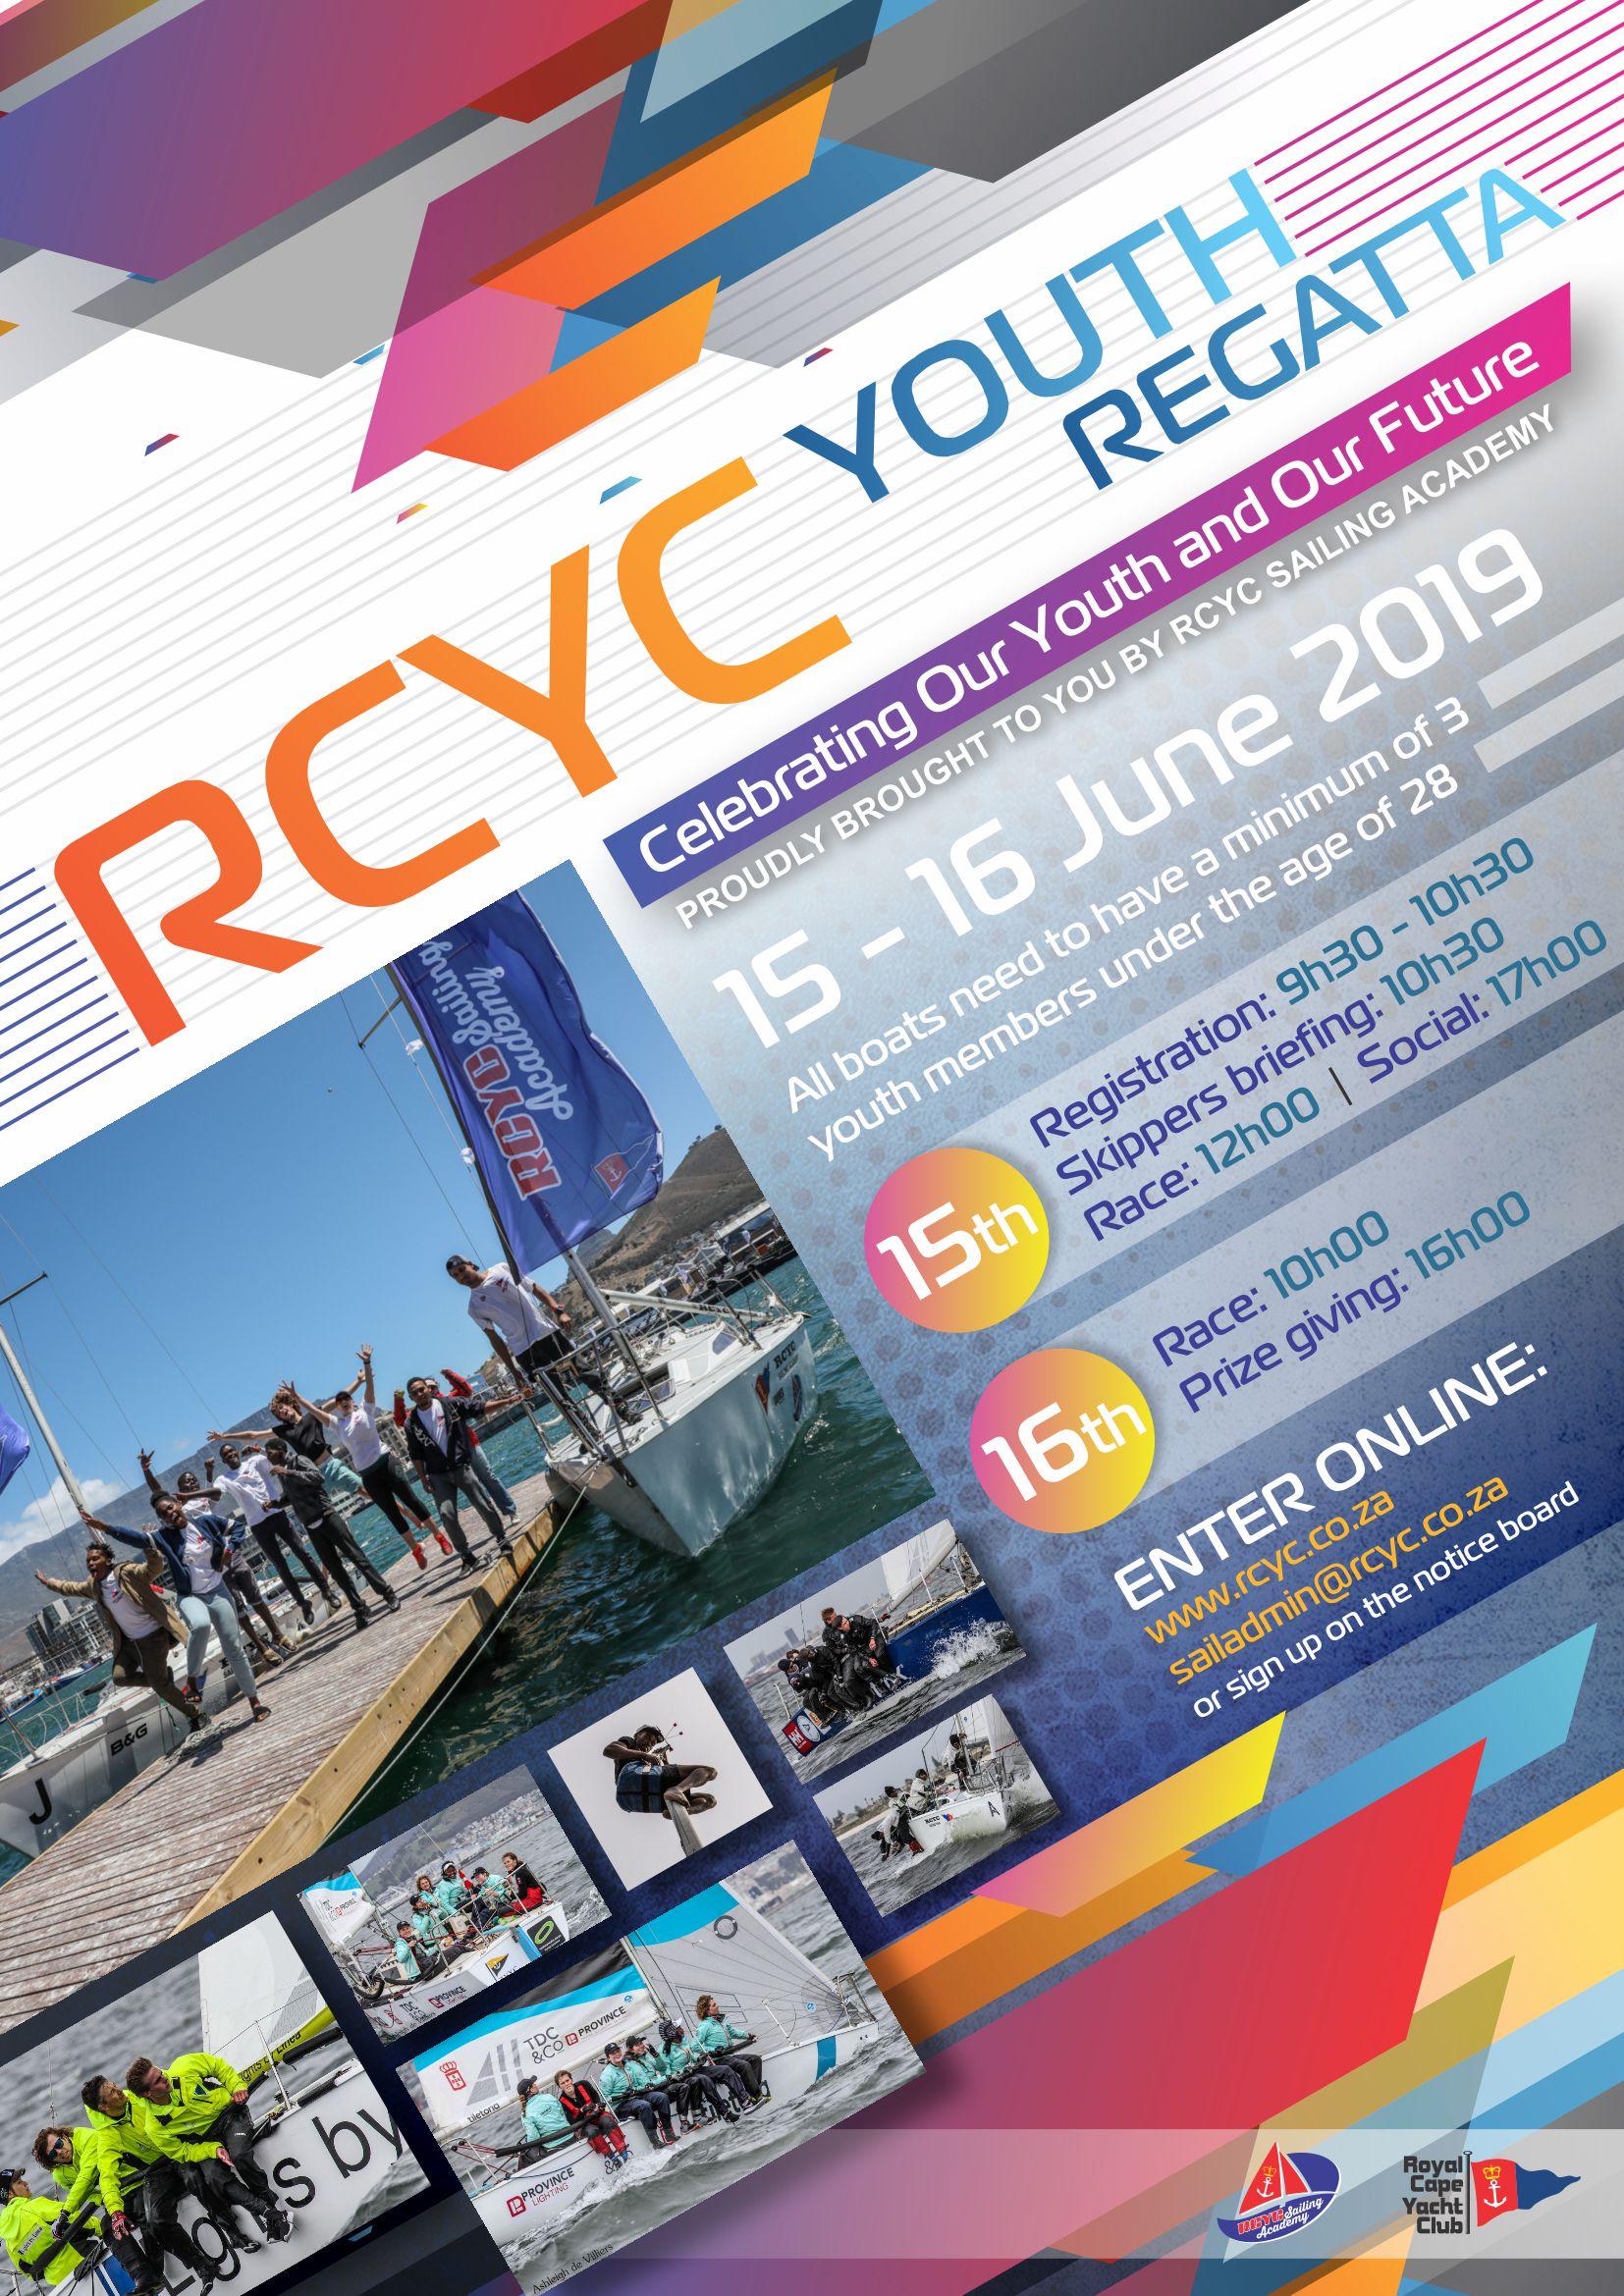 RCYC Youth Regatta